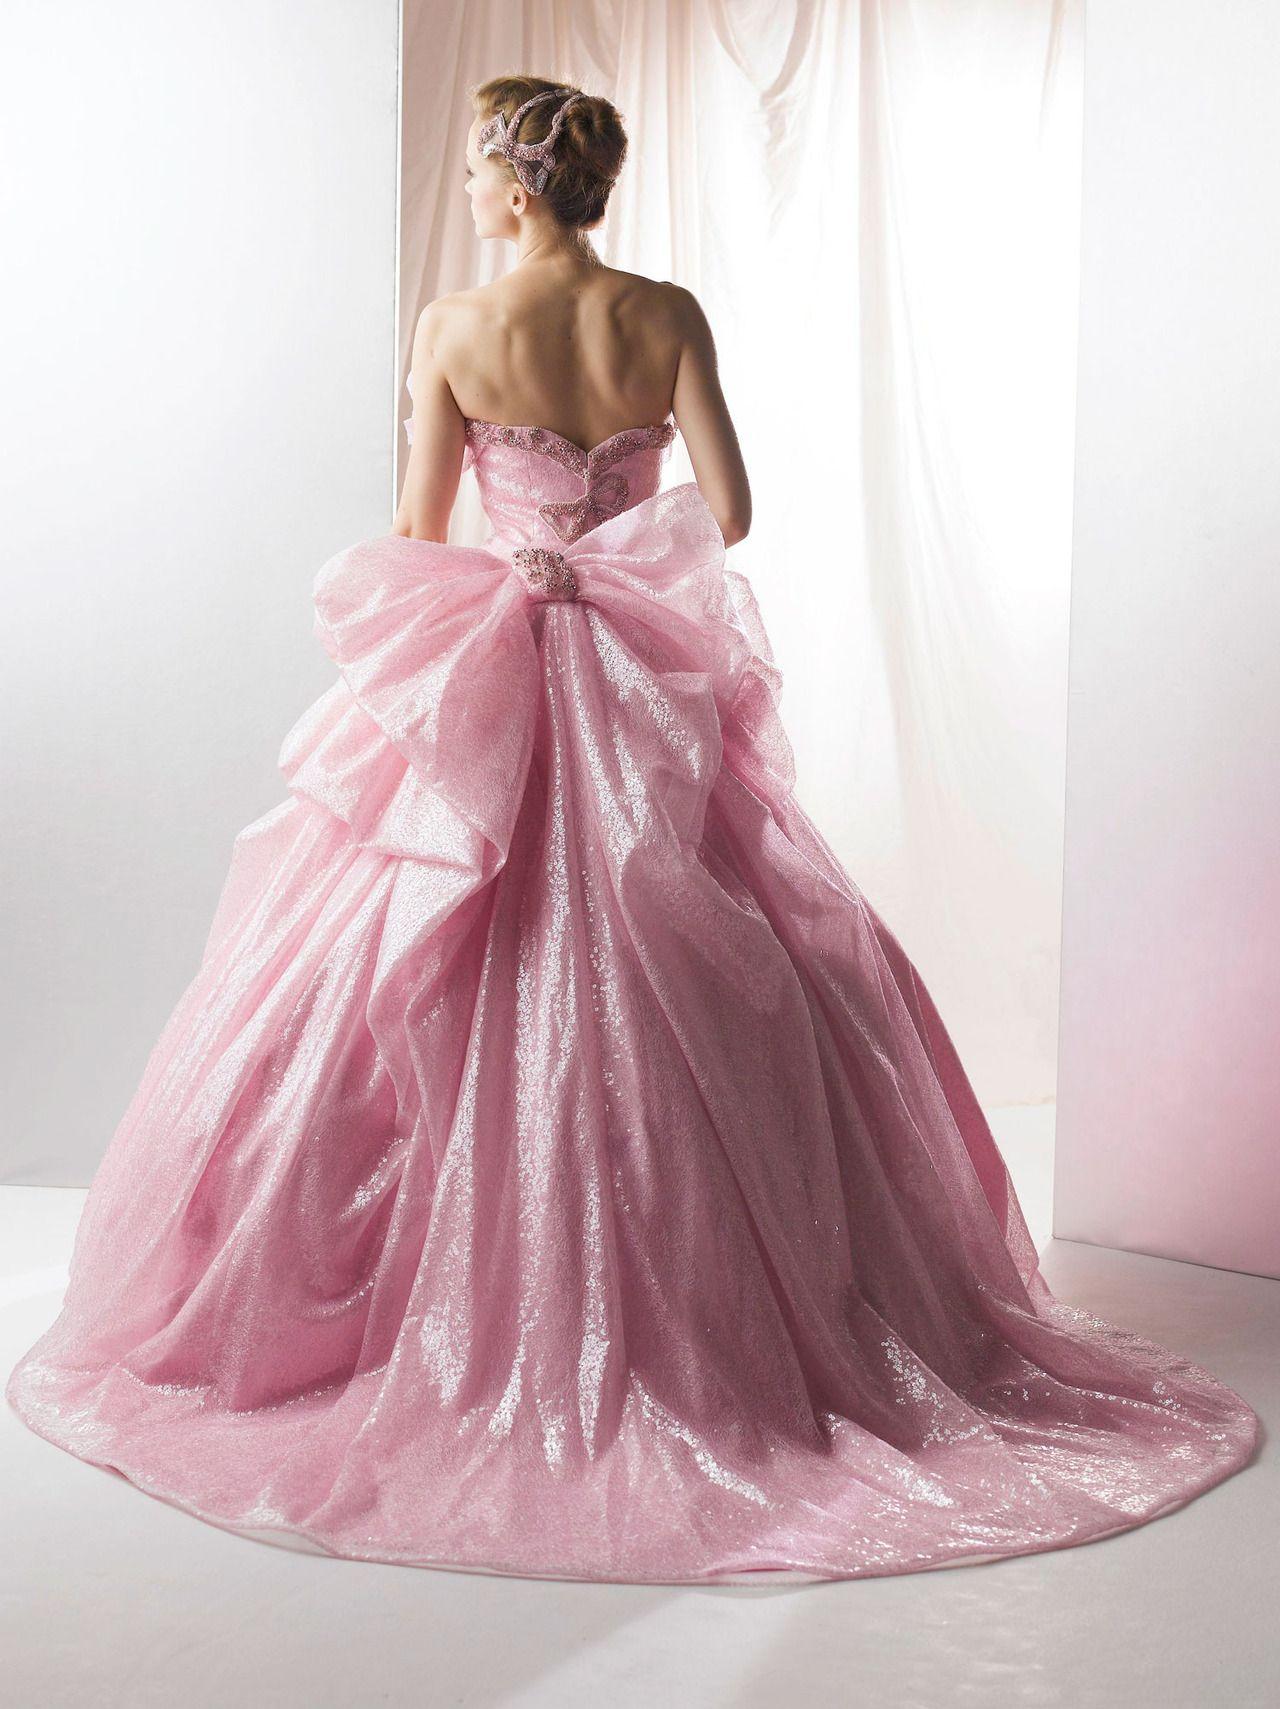 dball~dress ballgown | If only | Pinterest | Rosas fucsia, Fucsia y ...